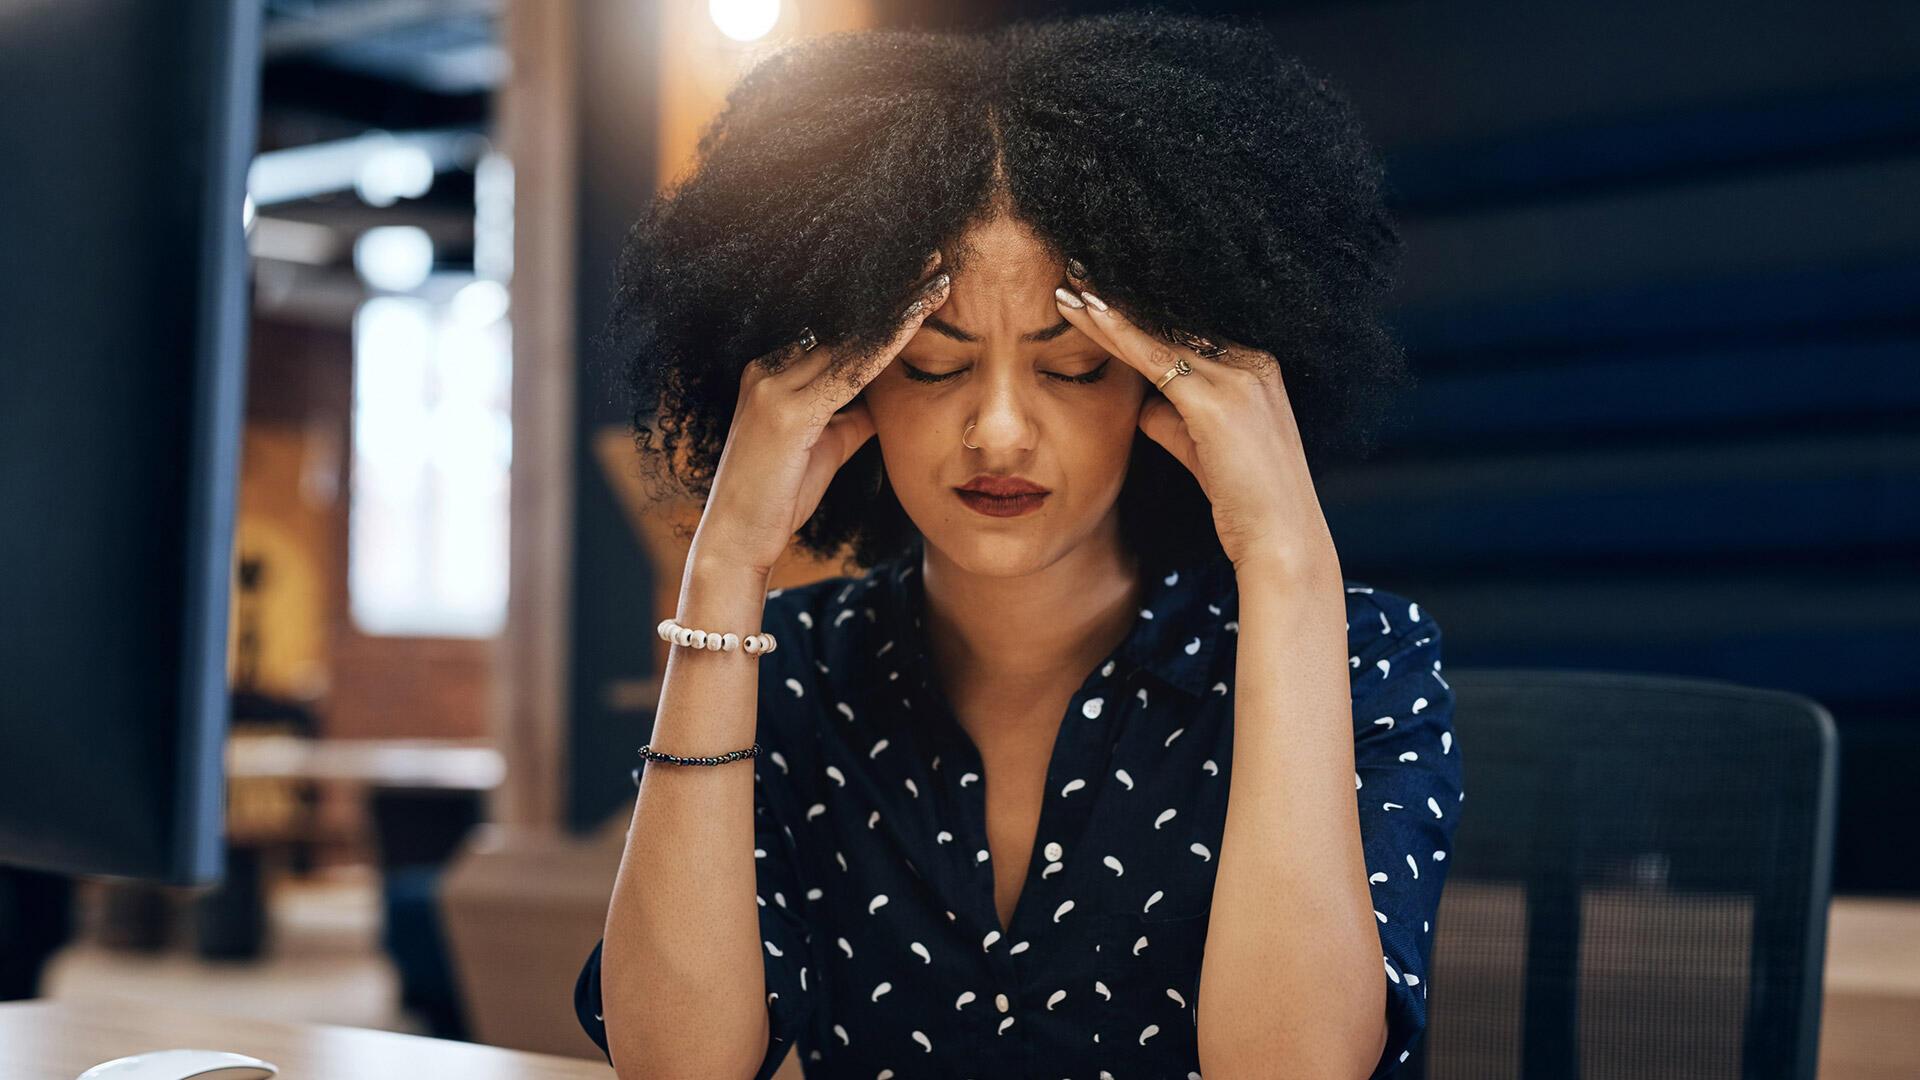 La migraine est une maladie neurologique.